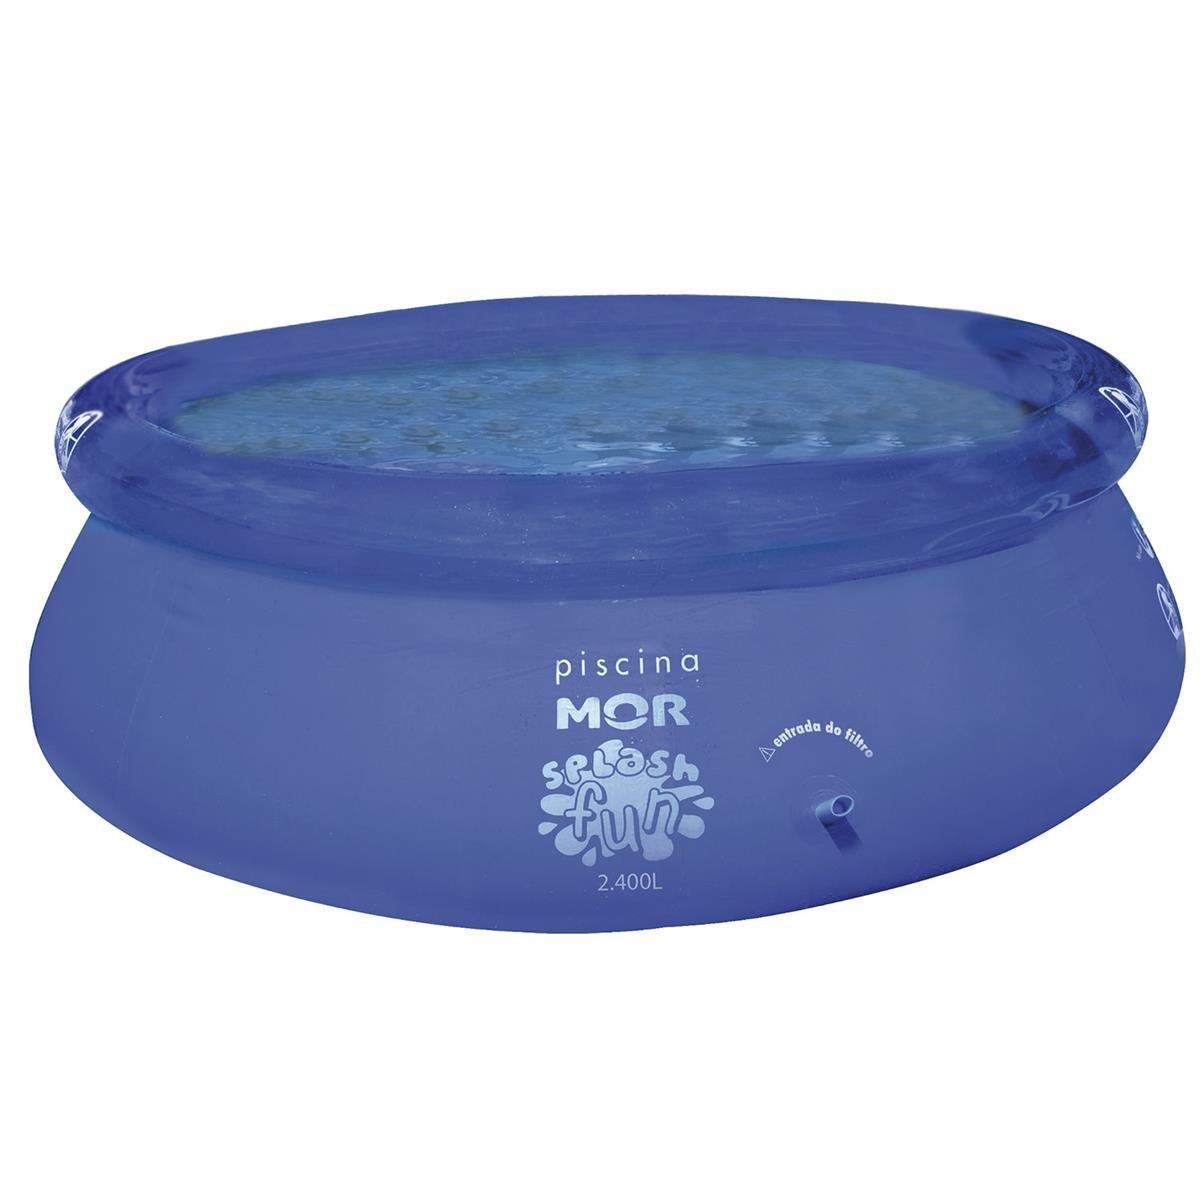 Piscina Infantil Splash Fun 2400L ref.1053 Mor